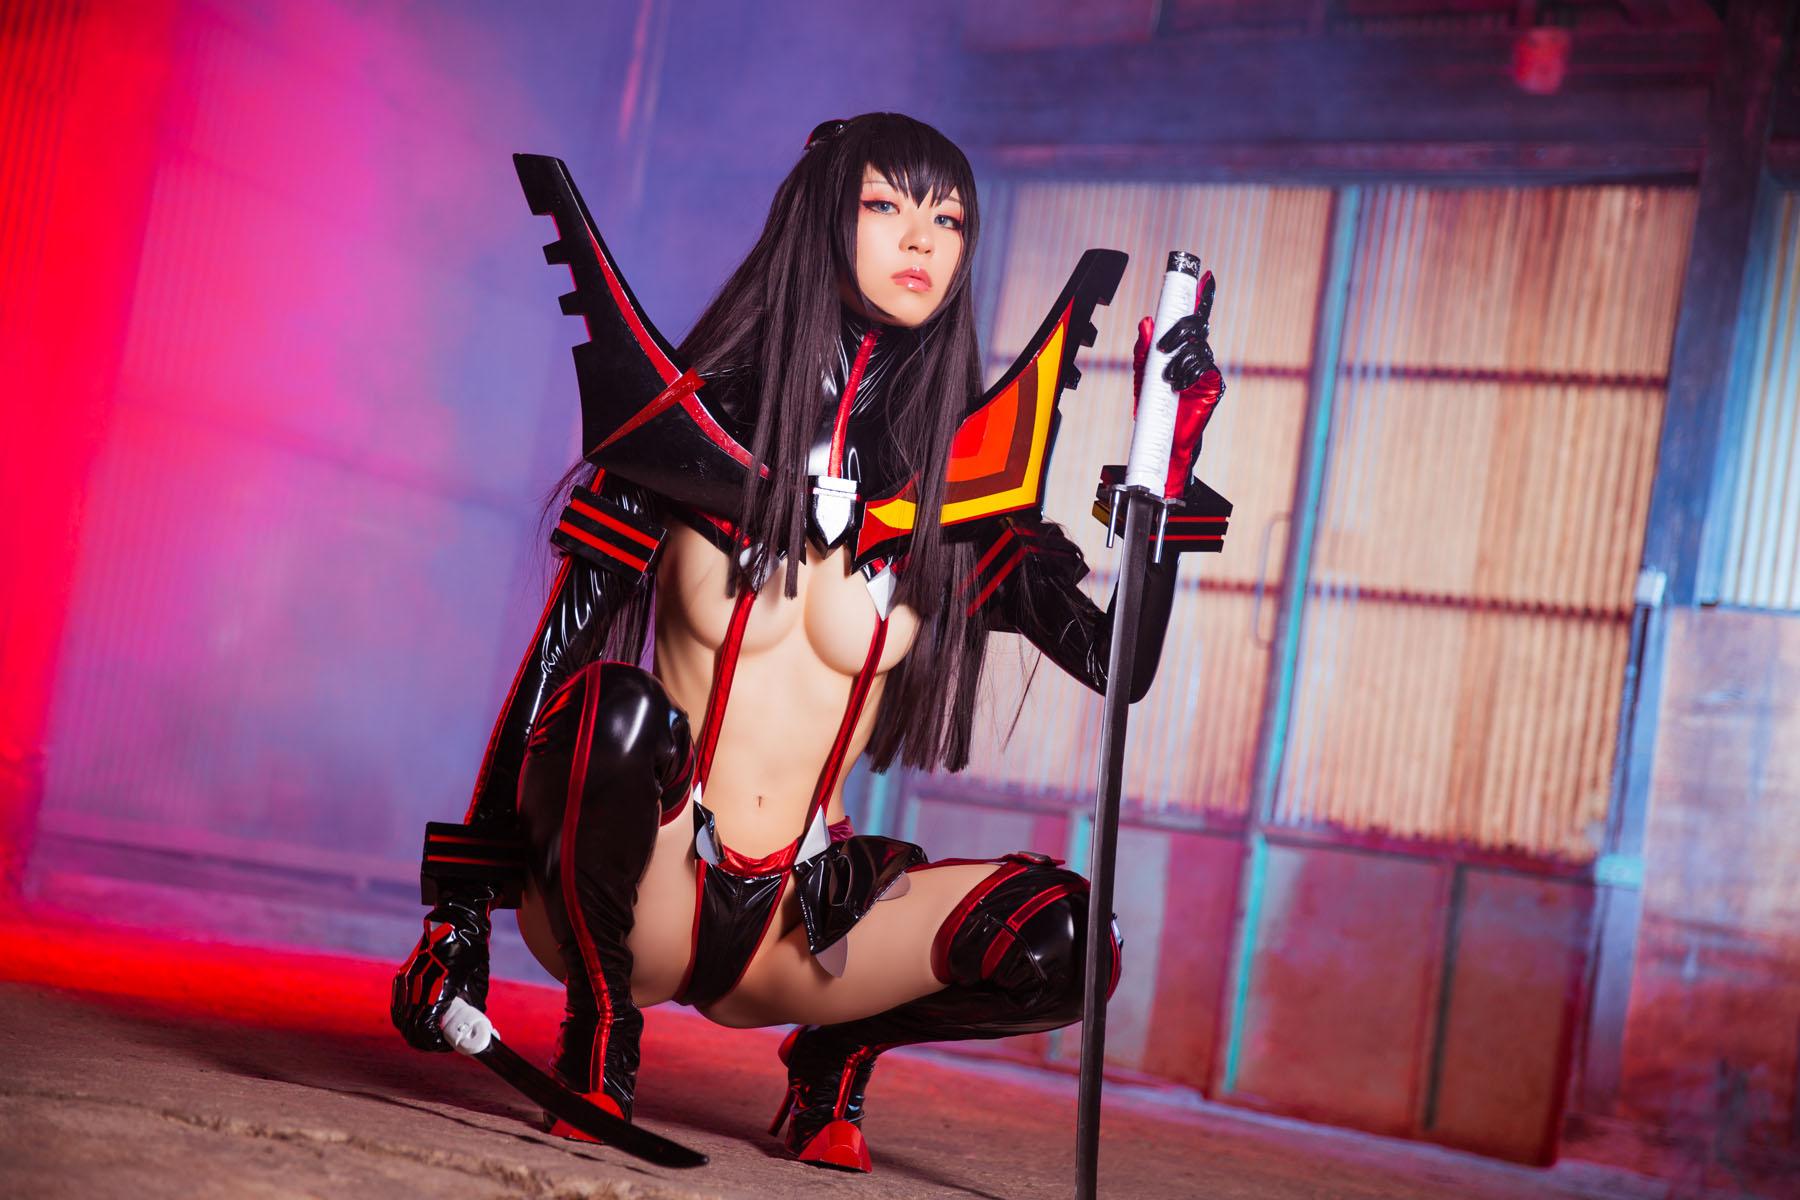 Kill la Kill Satsuki Kiryuuin anime cosplay by Mikehouse 0037